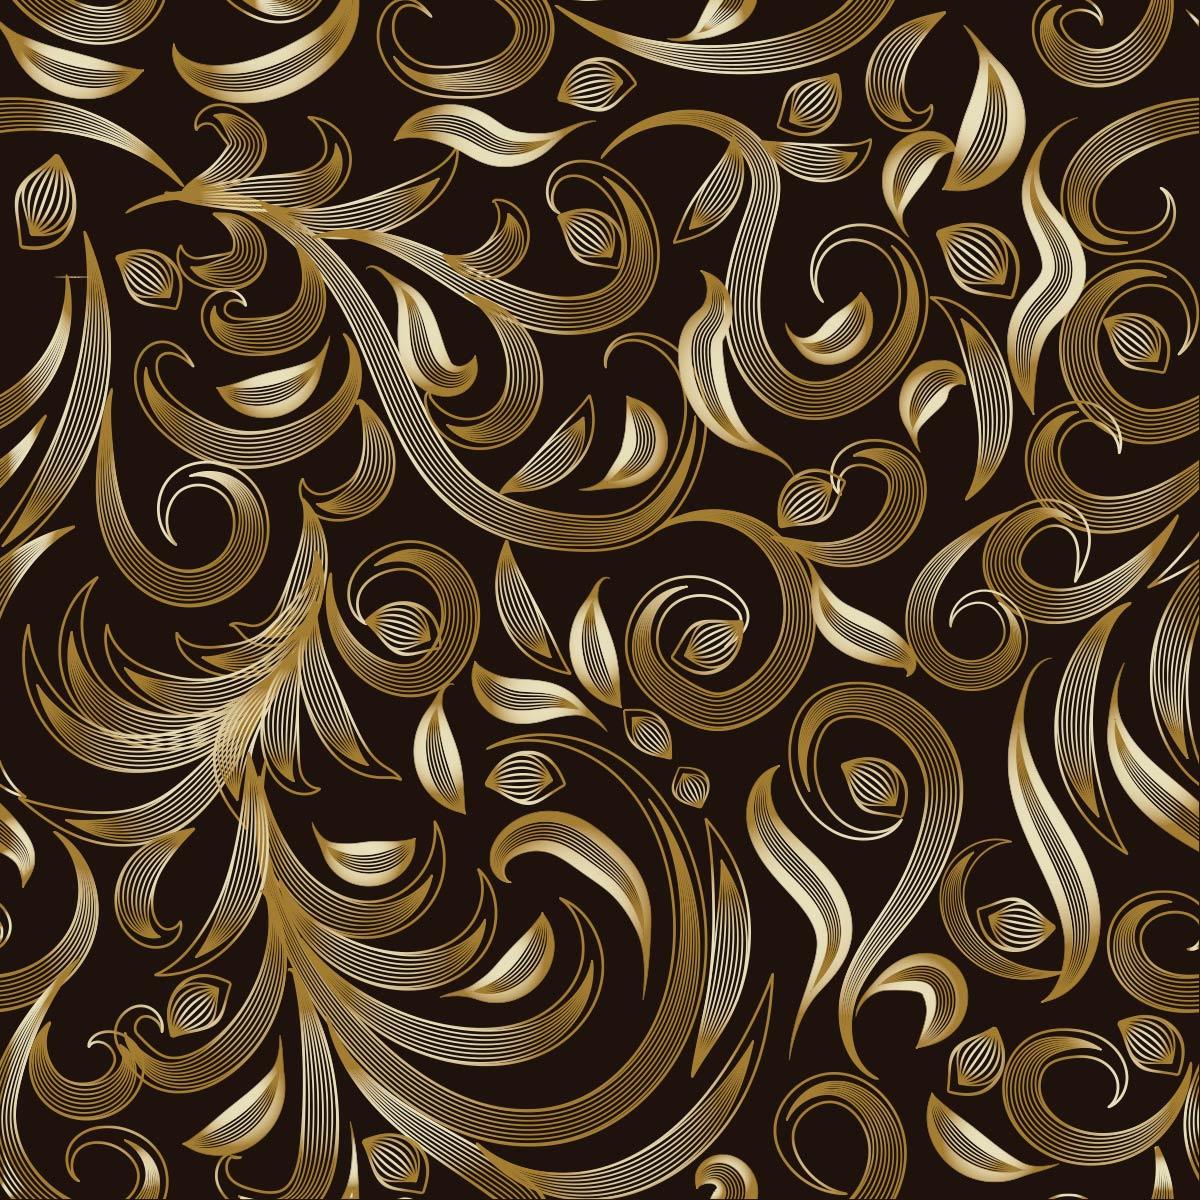 Papel de Parede Arabesco Gold Luxo Adesivo